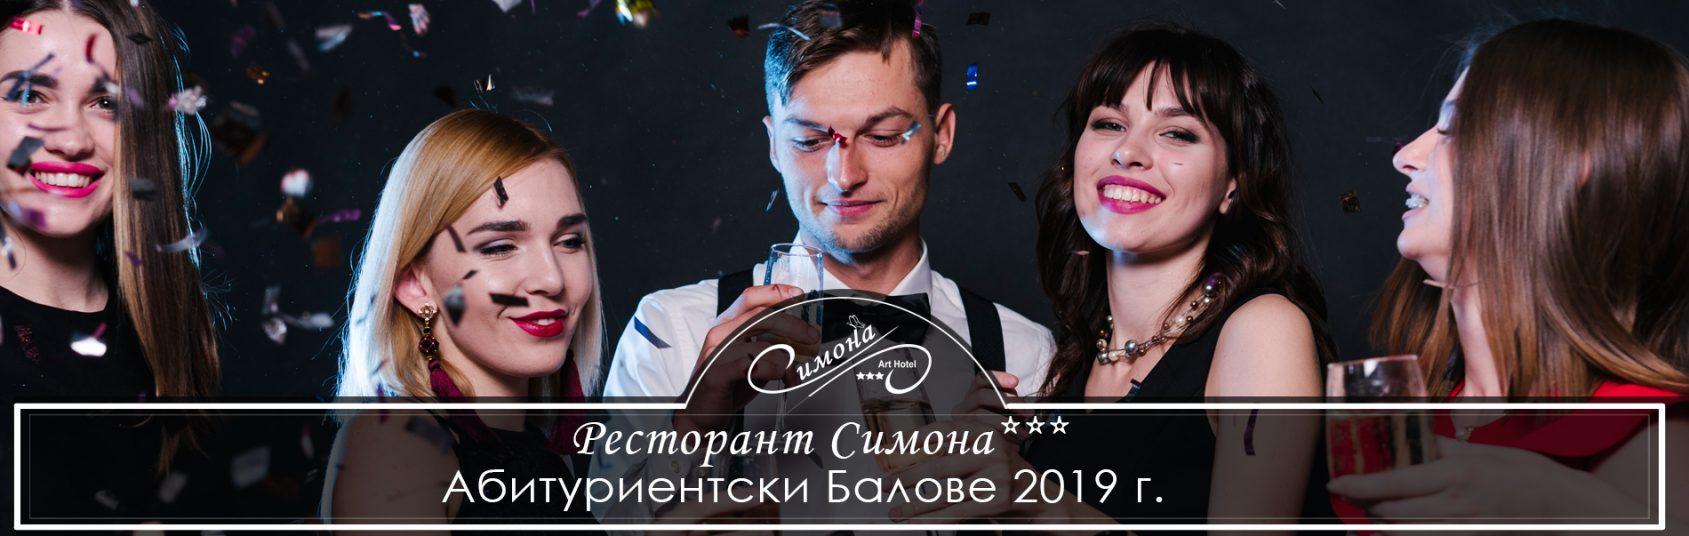 Абитуриентски балове 2019 в Ресторант Симона, София